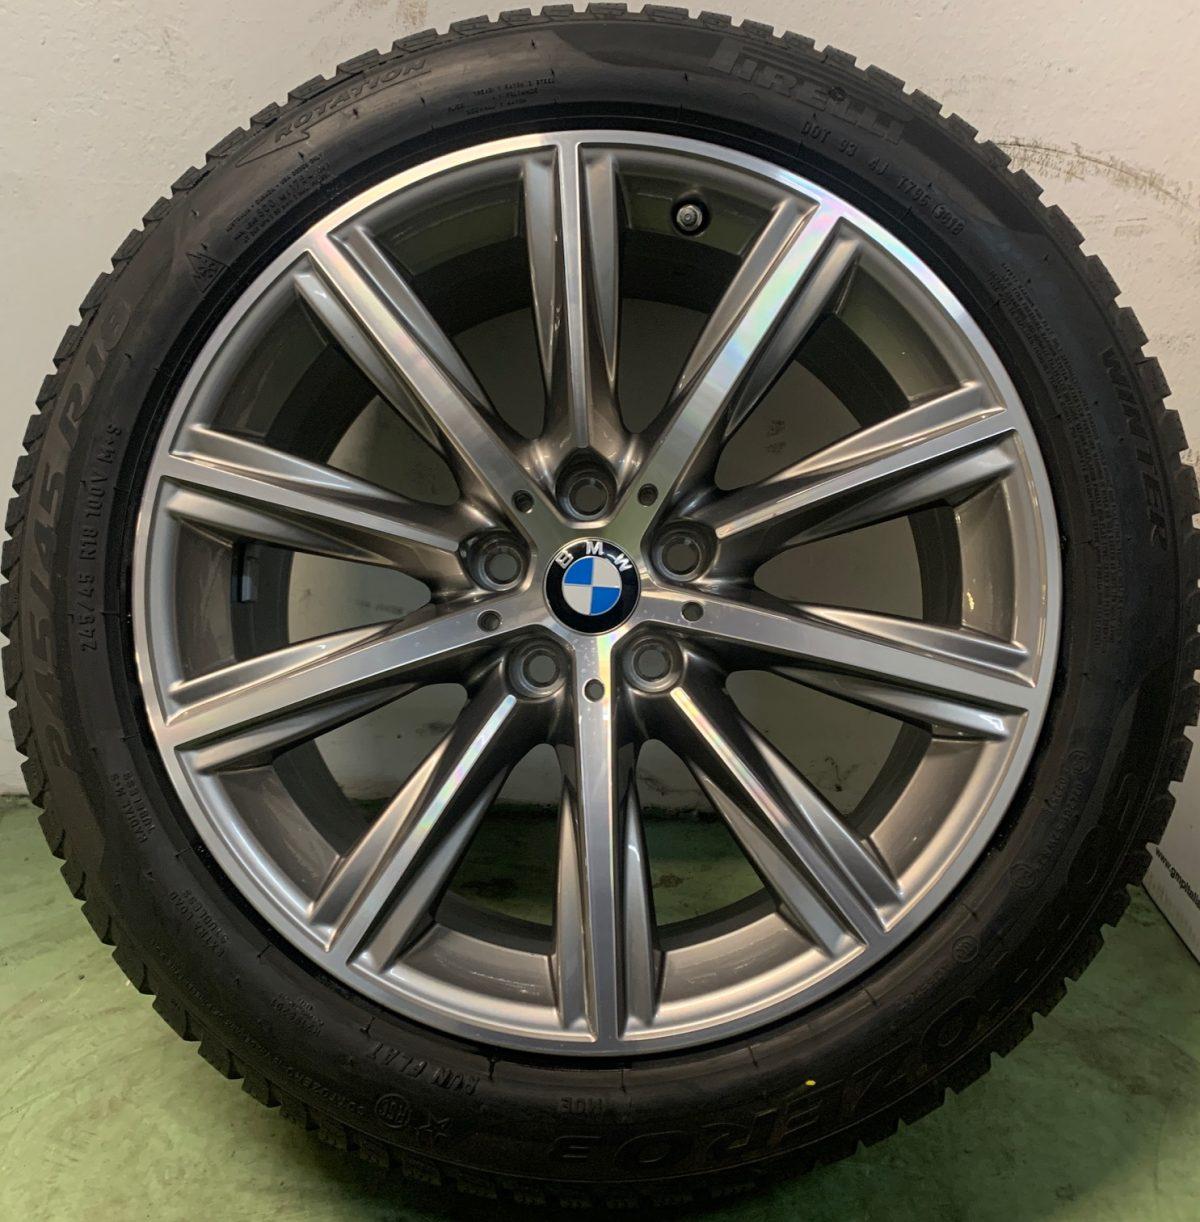 Gyári alufelni BMW G30 (684 styl) 8X18 alufelni újszerű téli garnitúra! Pirelli gumikkal,nyomásszenzorral! 1